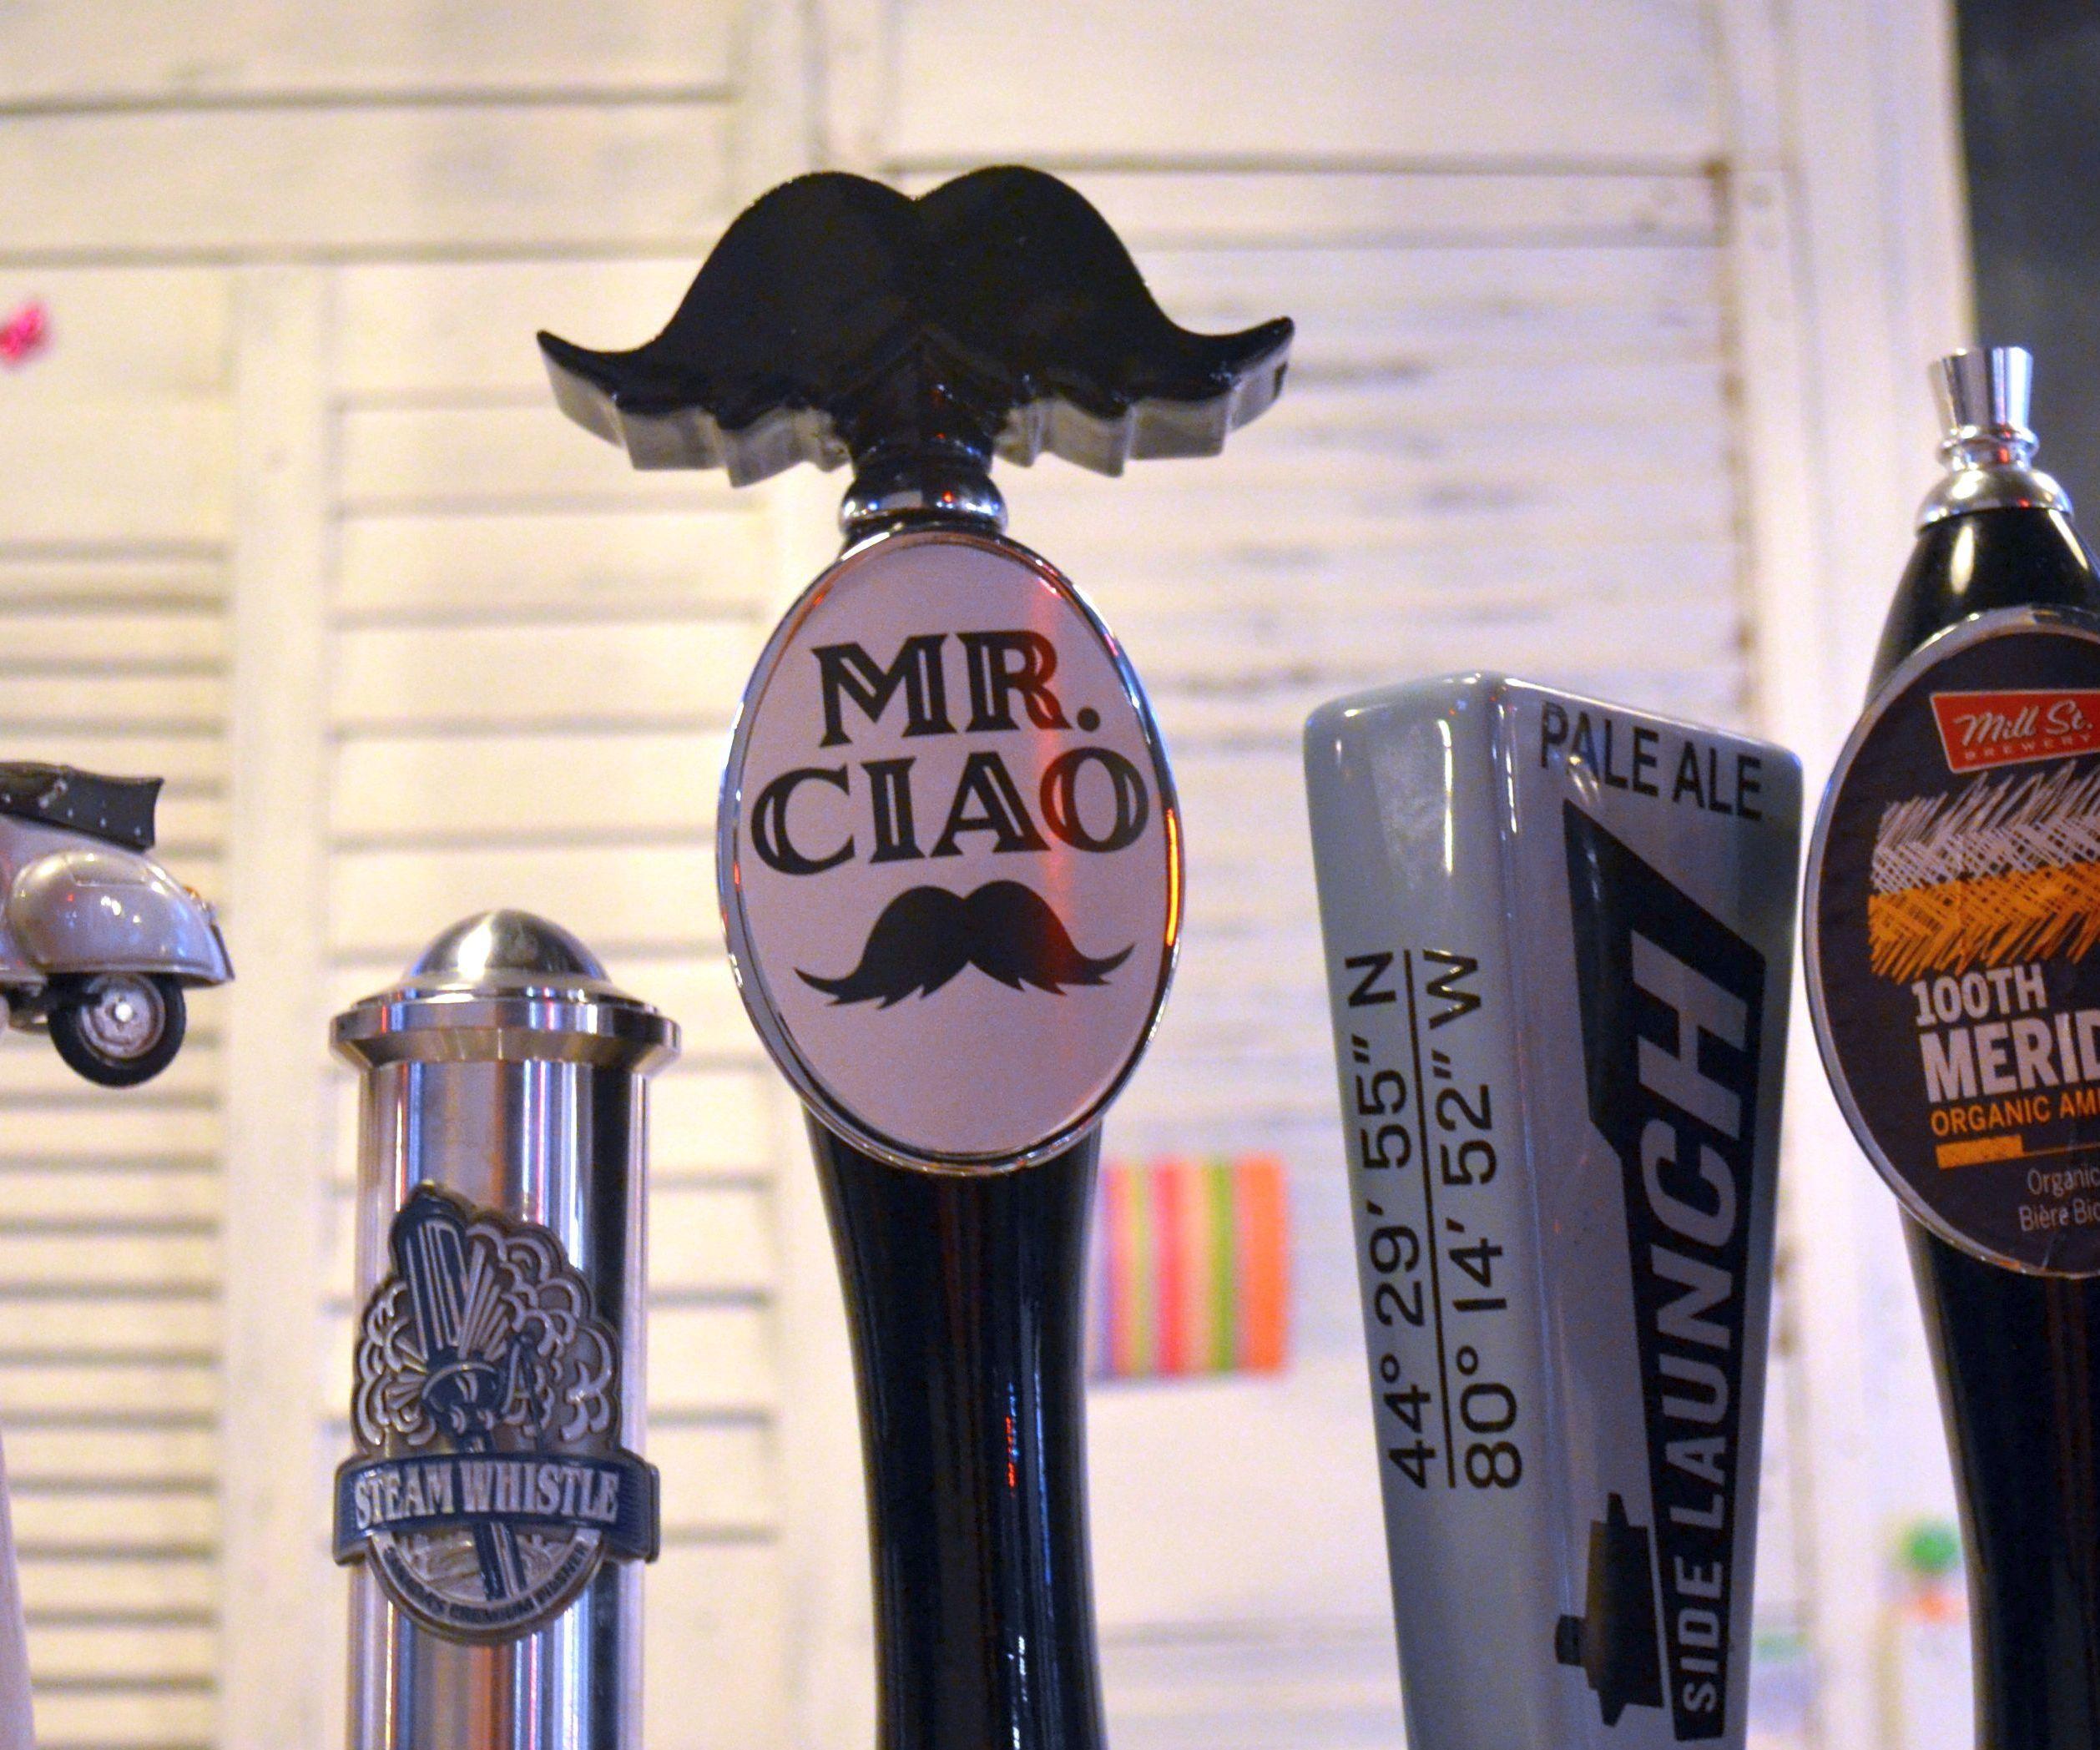 3D Printed Mustache Beer Tap Handle